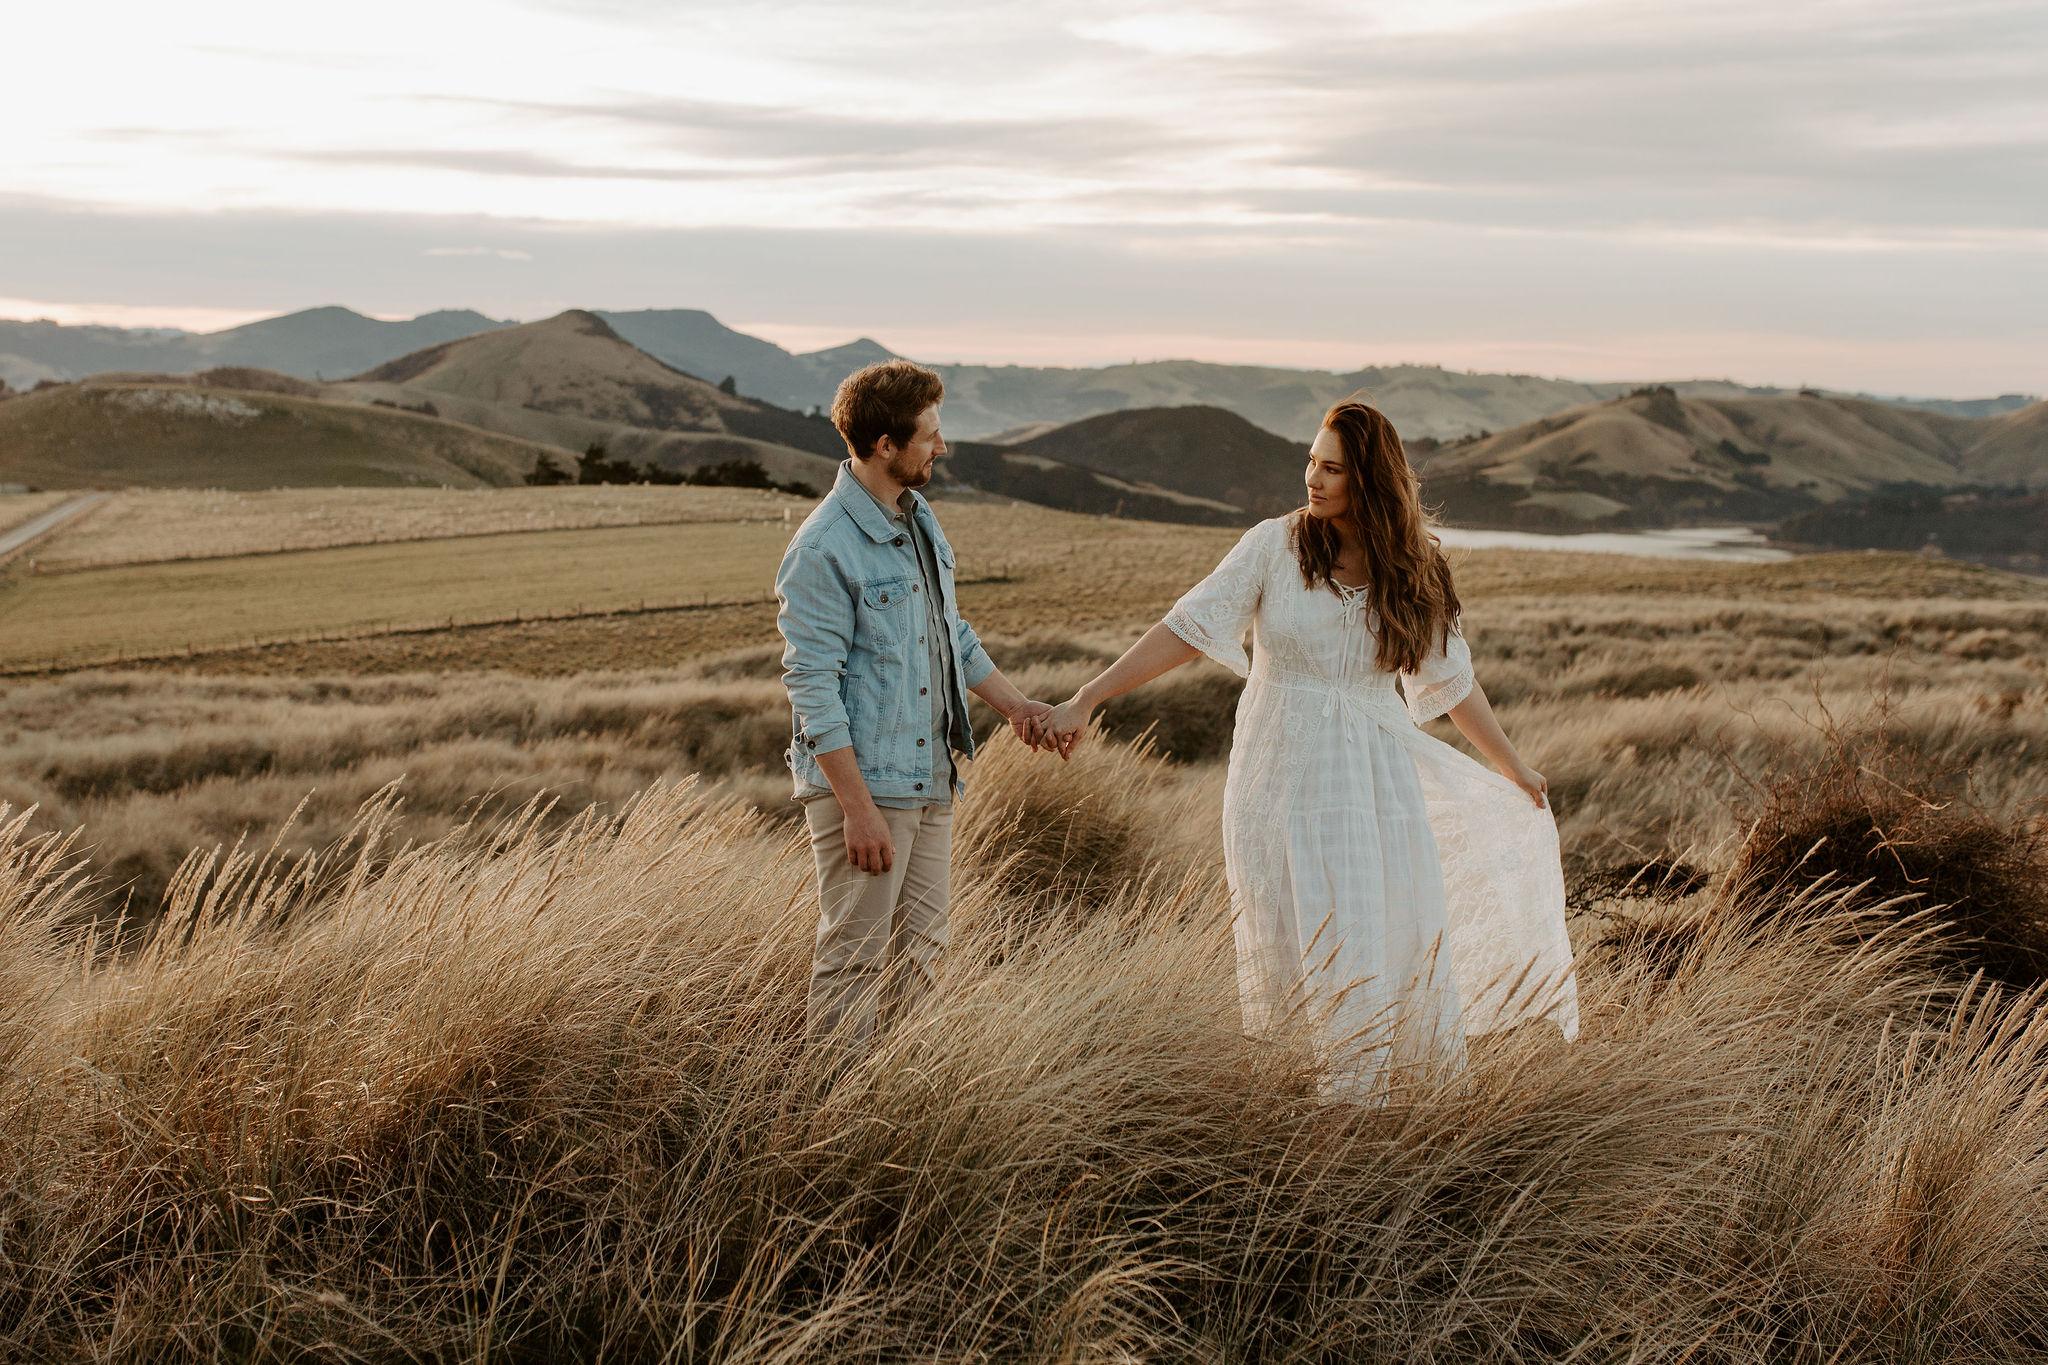 Dunedin-NewZealand-Elopement-Engagement-Photographer-Sam-Ashlie-6717.jpg